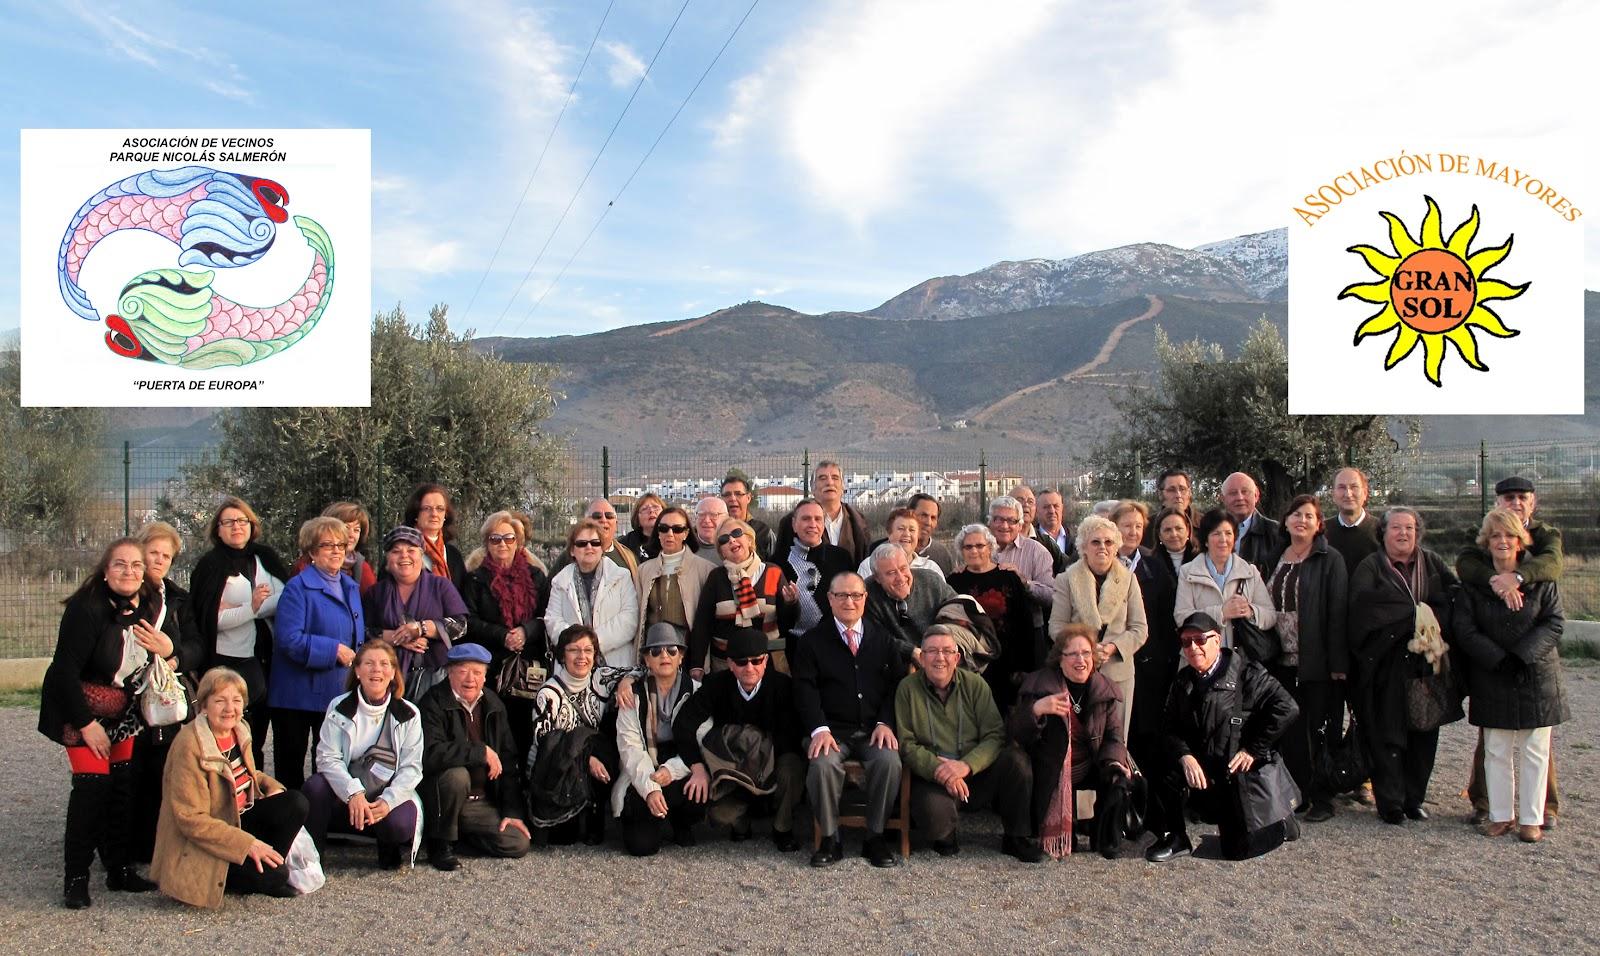 Guadalquivir nace en almeria 1 excursion turistica al - Puerta europa almeria ...